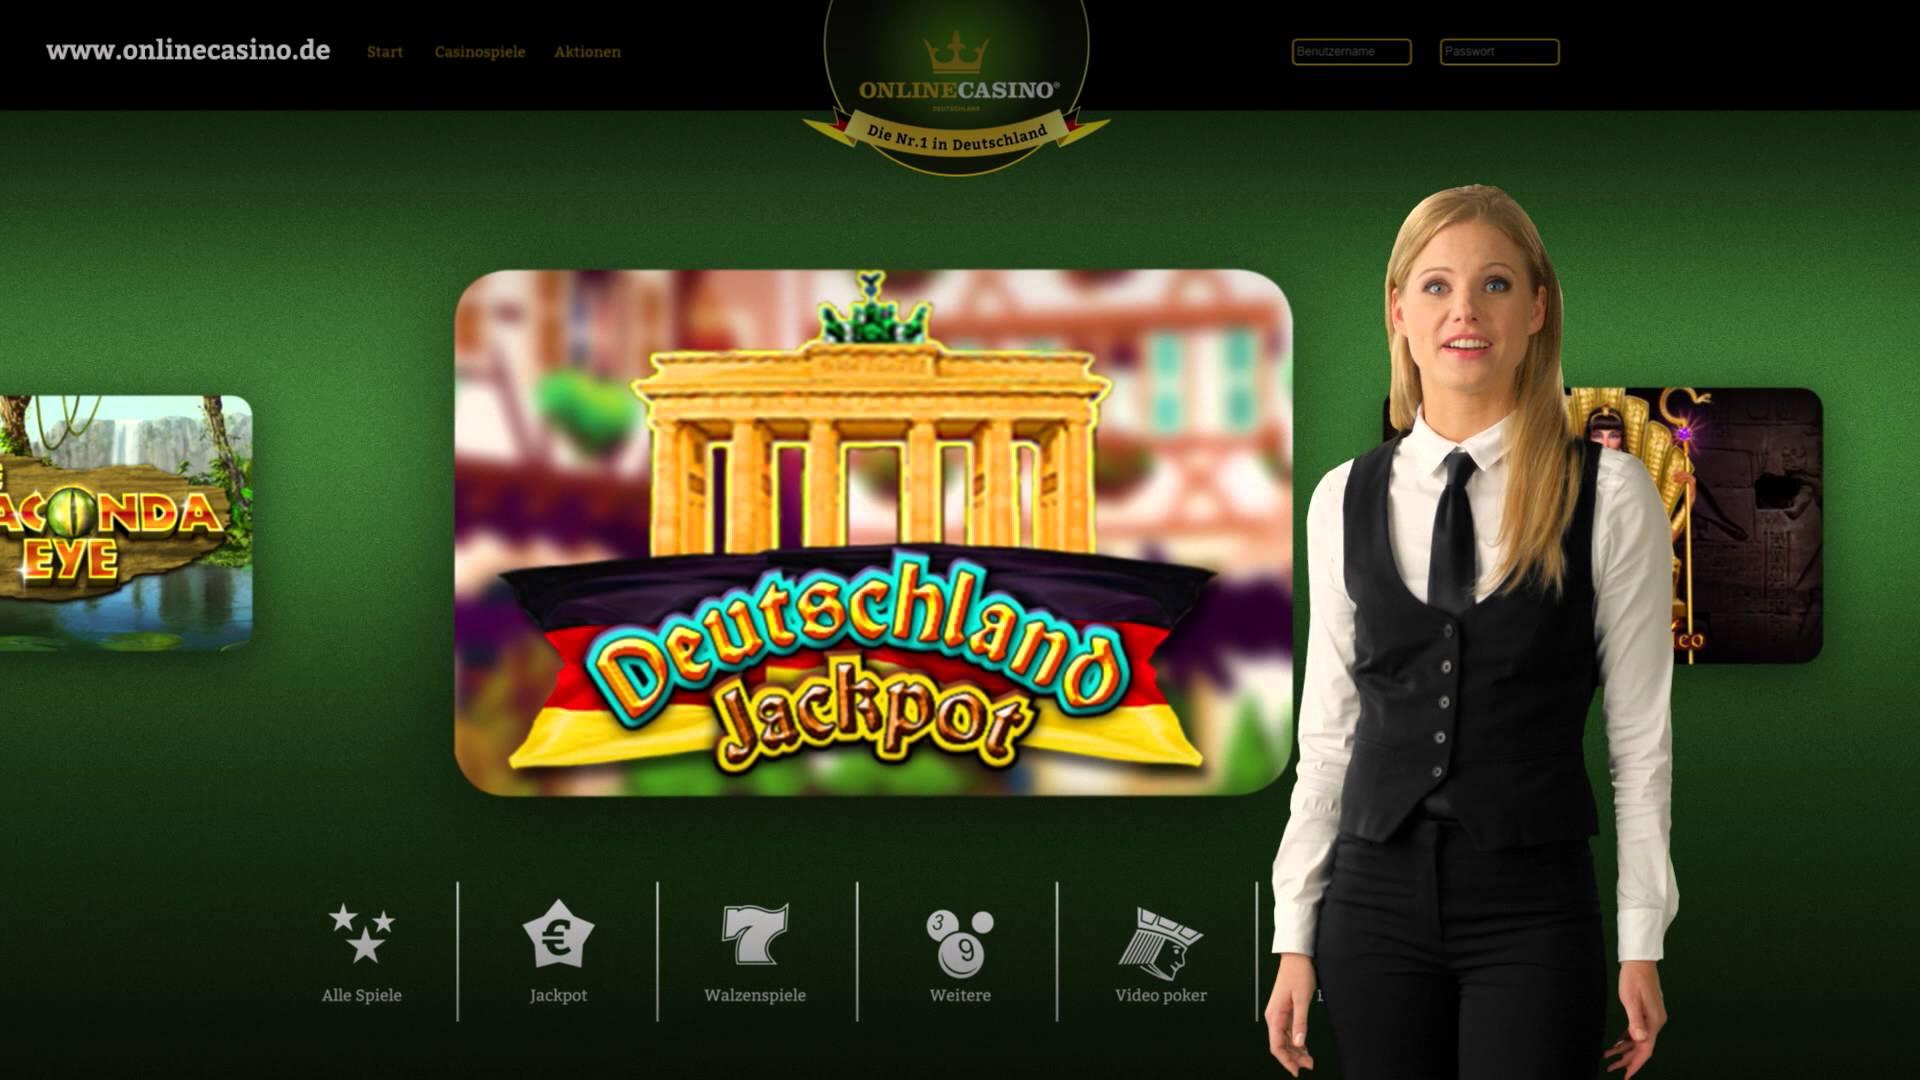 Как выбрать название казино для бизнеса в интернете